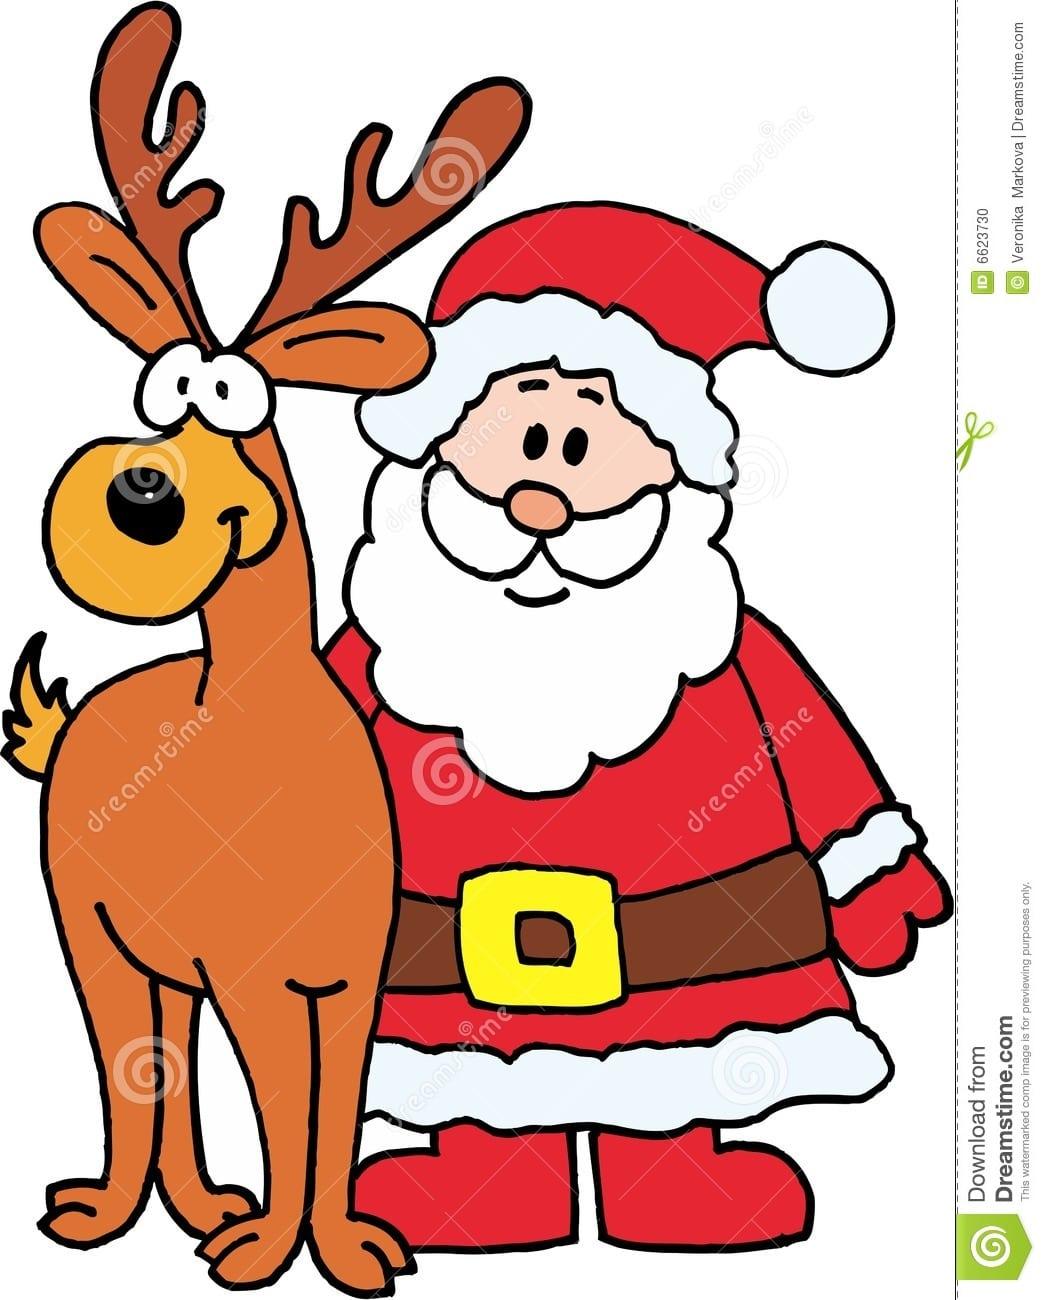 Desenho De Papai Noel Colorido